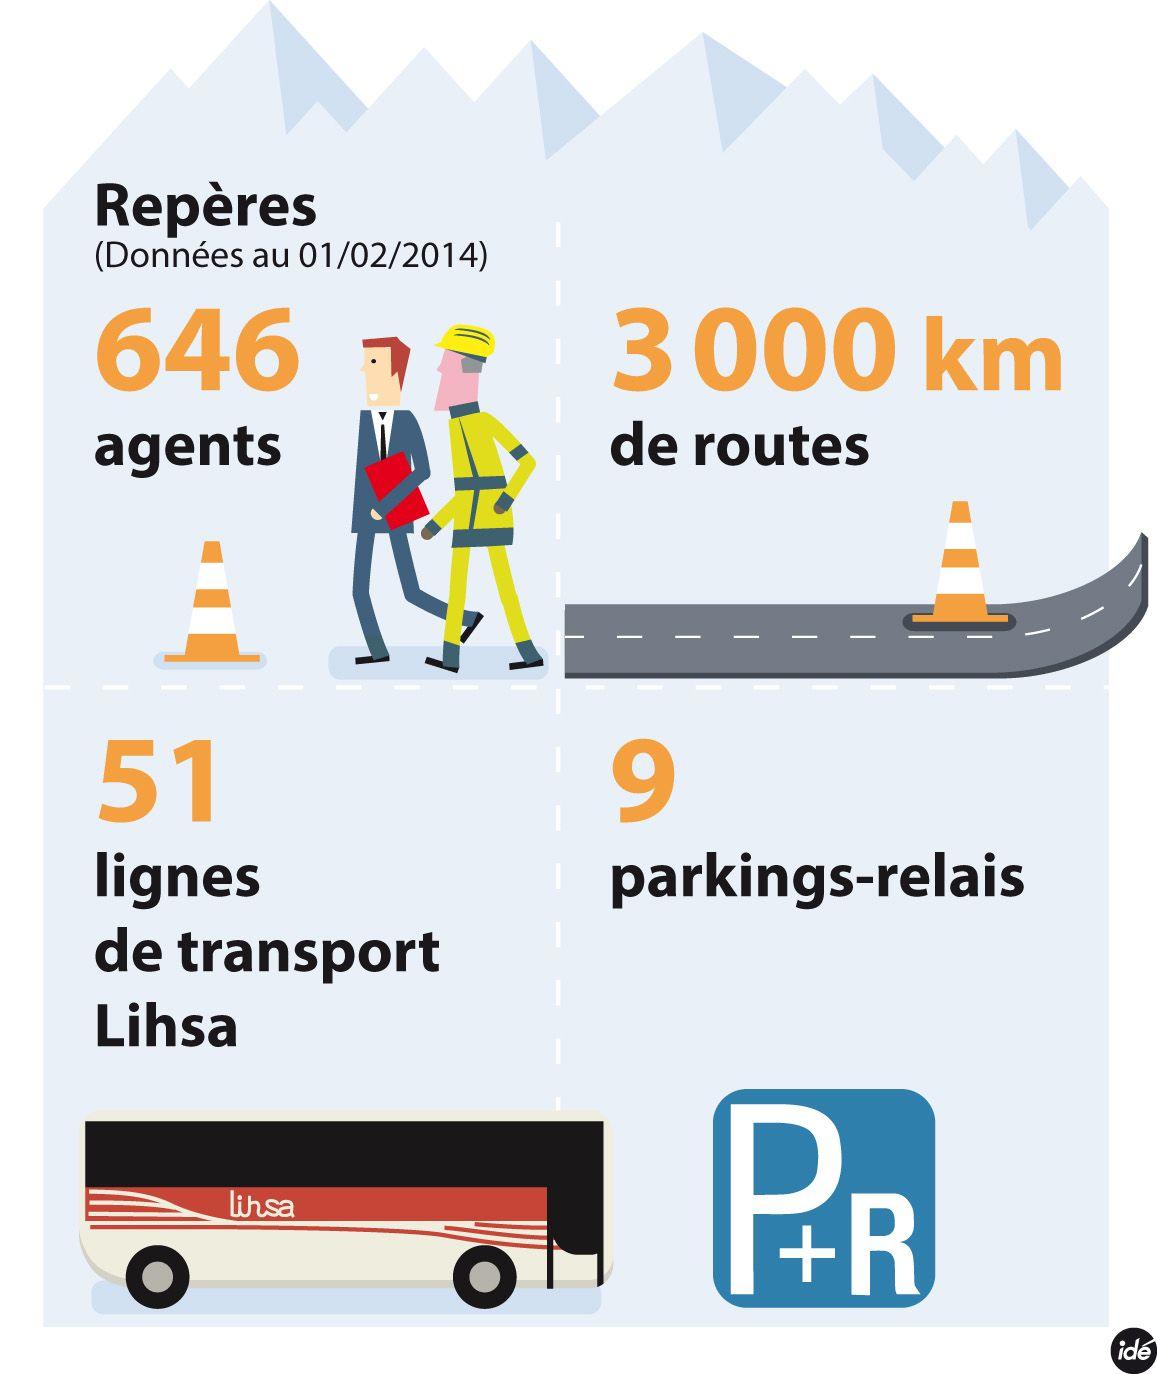 REPERES - Les routes et les transports du #Dep_74 en chiffres + d'infos www.cg74.fr